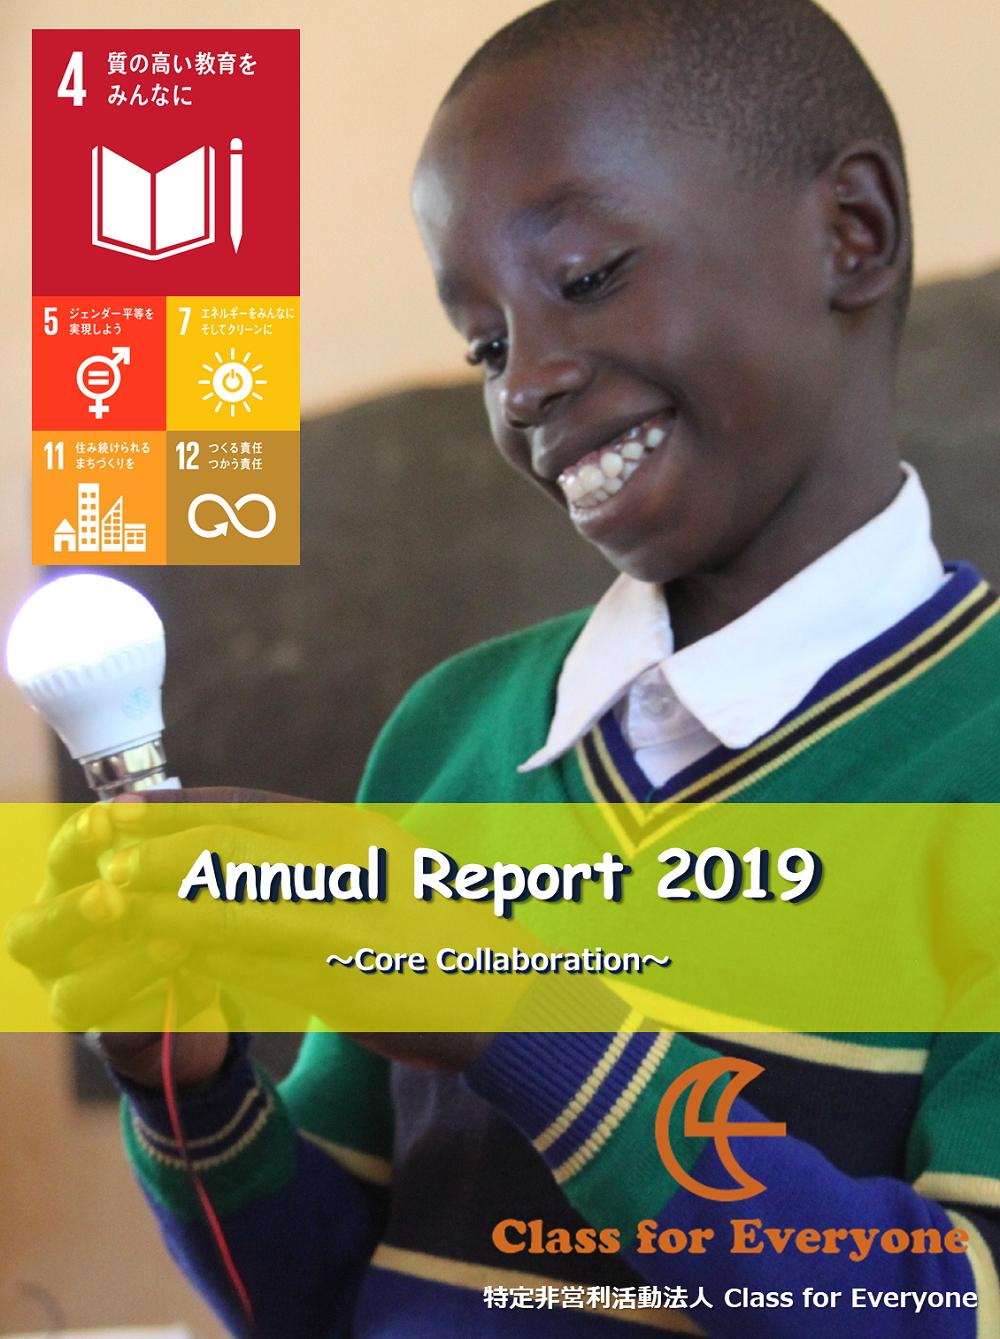 2019年度報告書